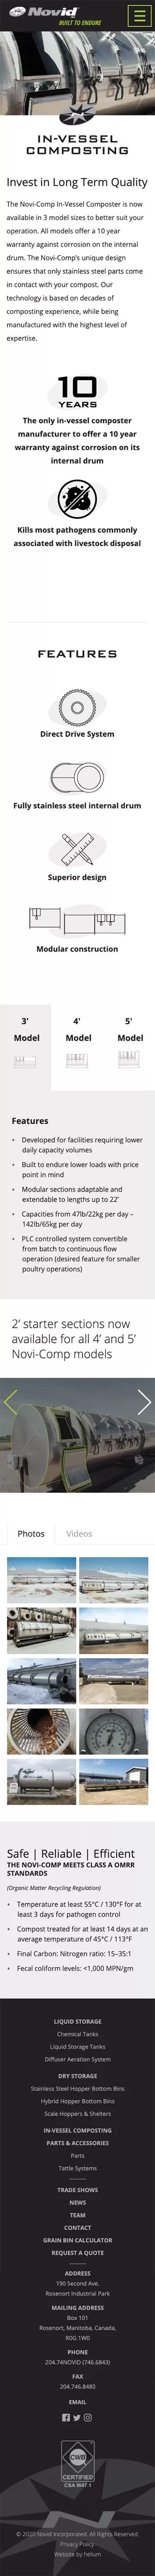 mobile novi comp